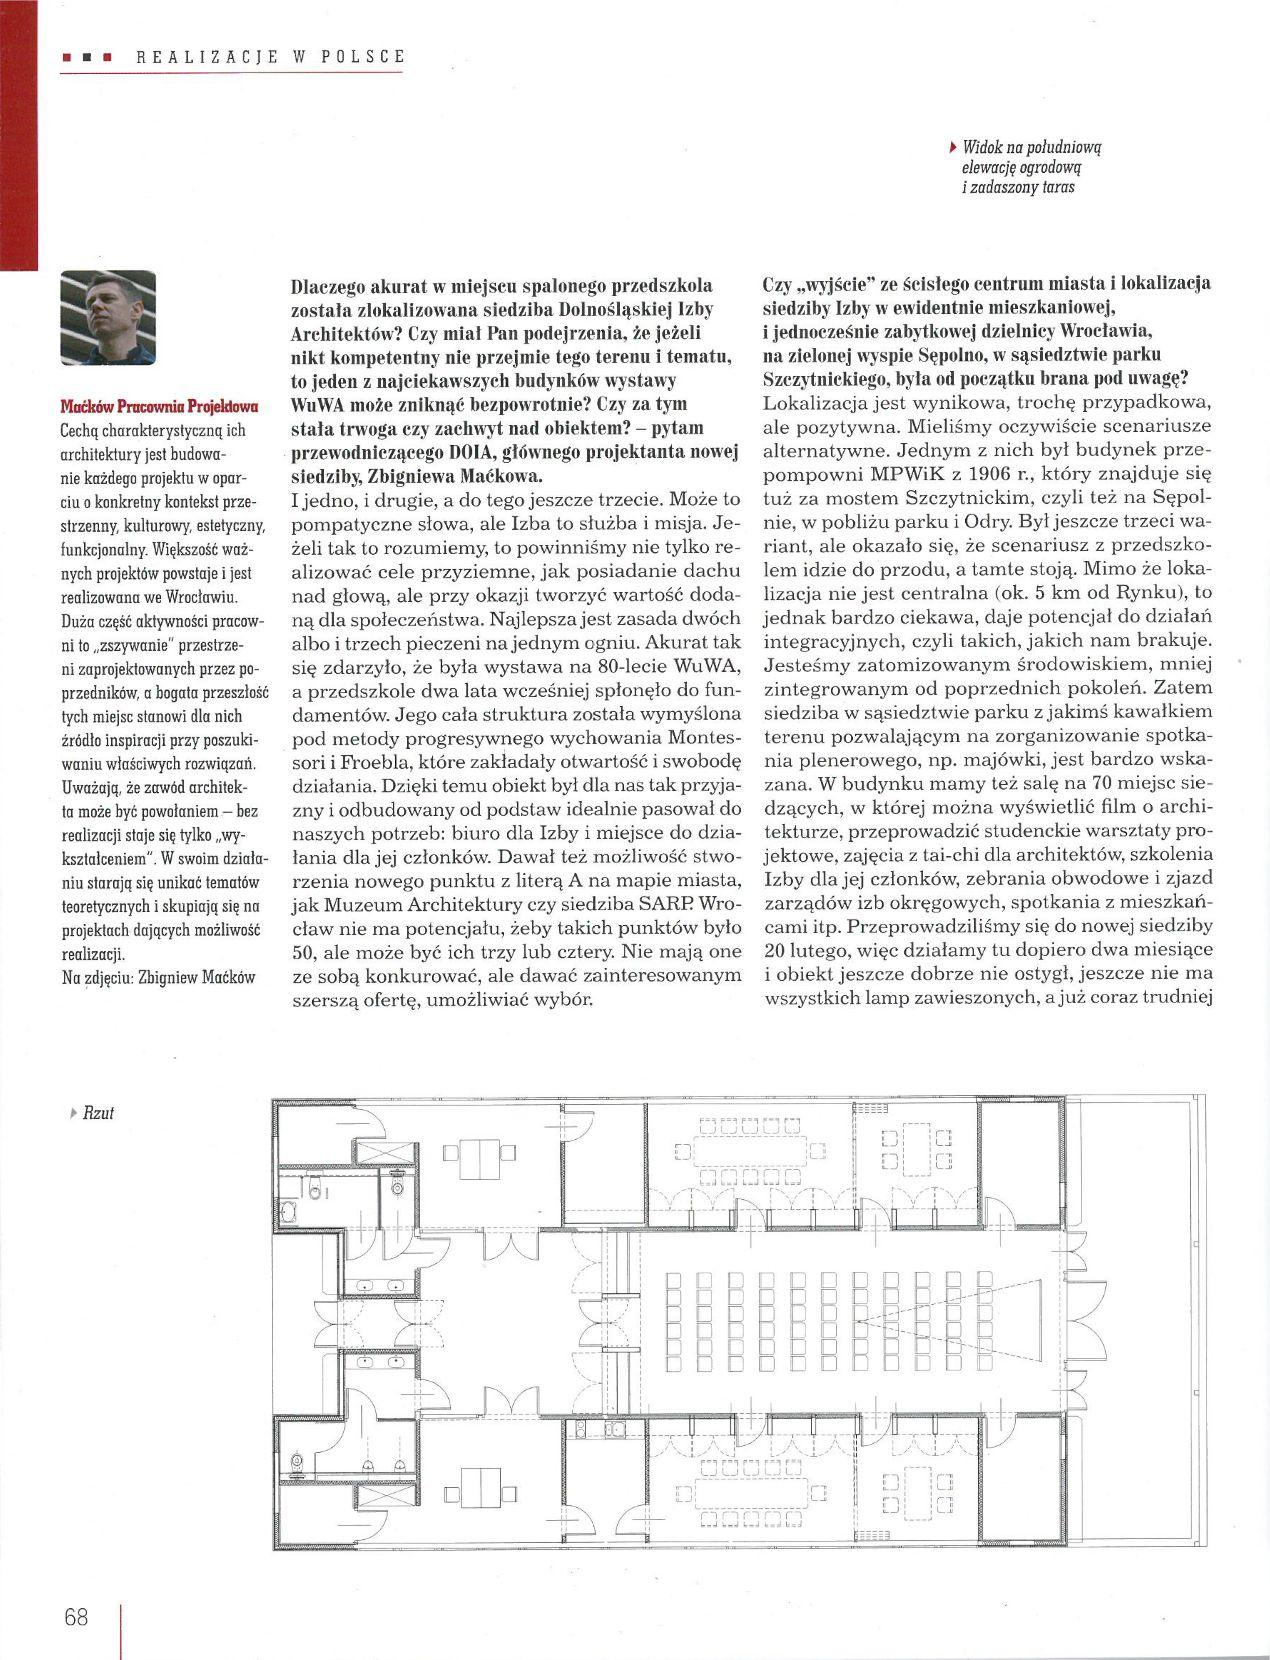 świat architektury_izba_1